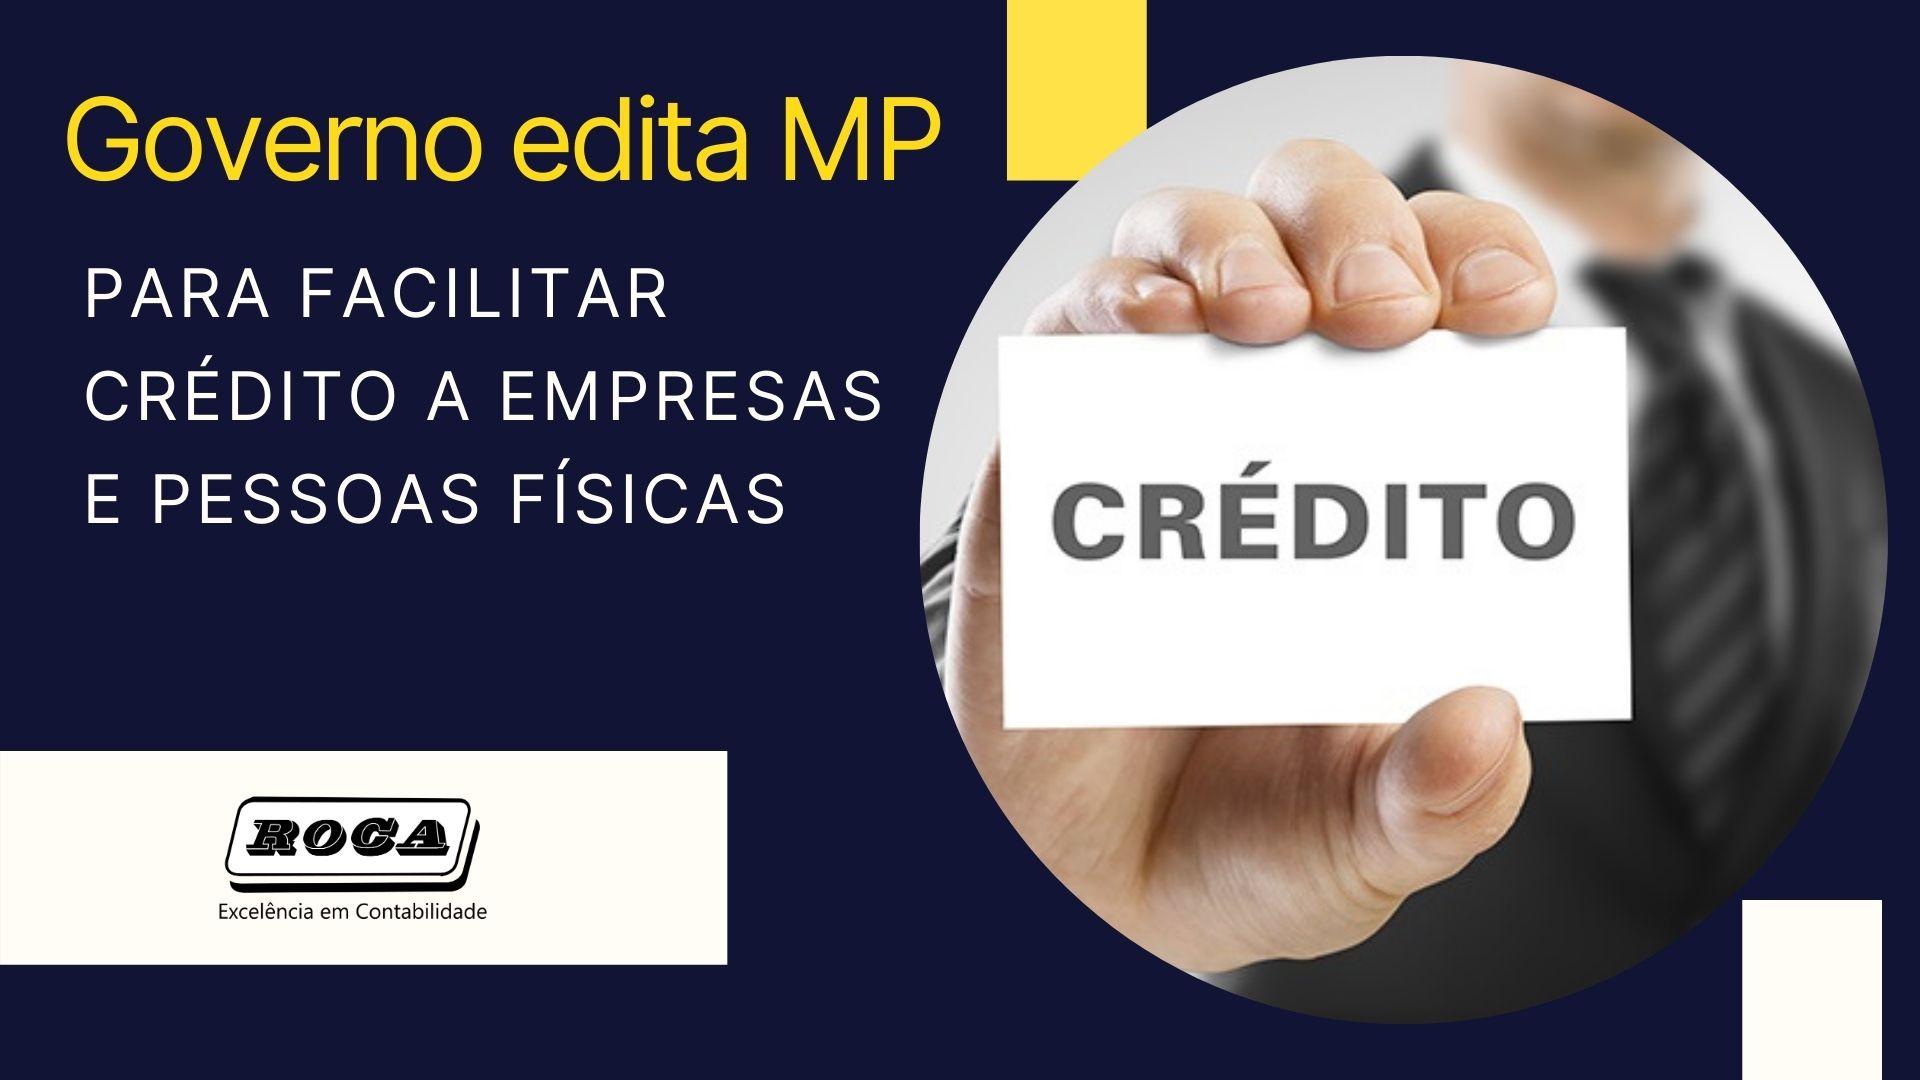 GOVERNO EDITA MP PARA FACILITAR CRÉDITO A EMPRESAS E PESSOAS FÍSICAS